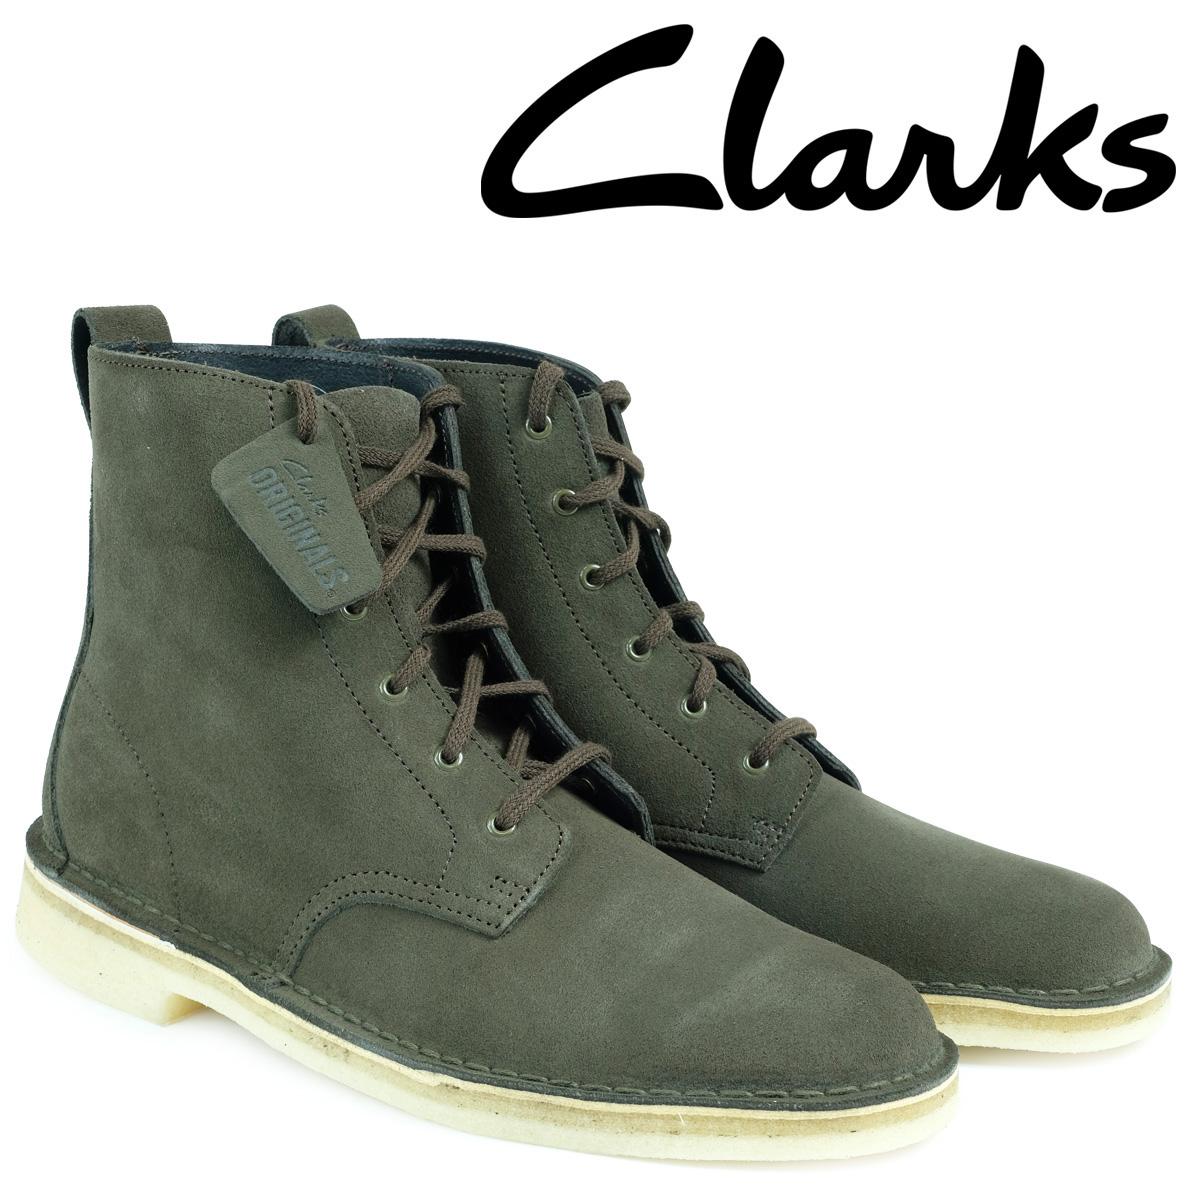 【最大2000円OFFクーポン】 クラークス デザート ブーツ メンズ Clarks DESERT MALI マリ 26128272 ダークブラウン